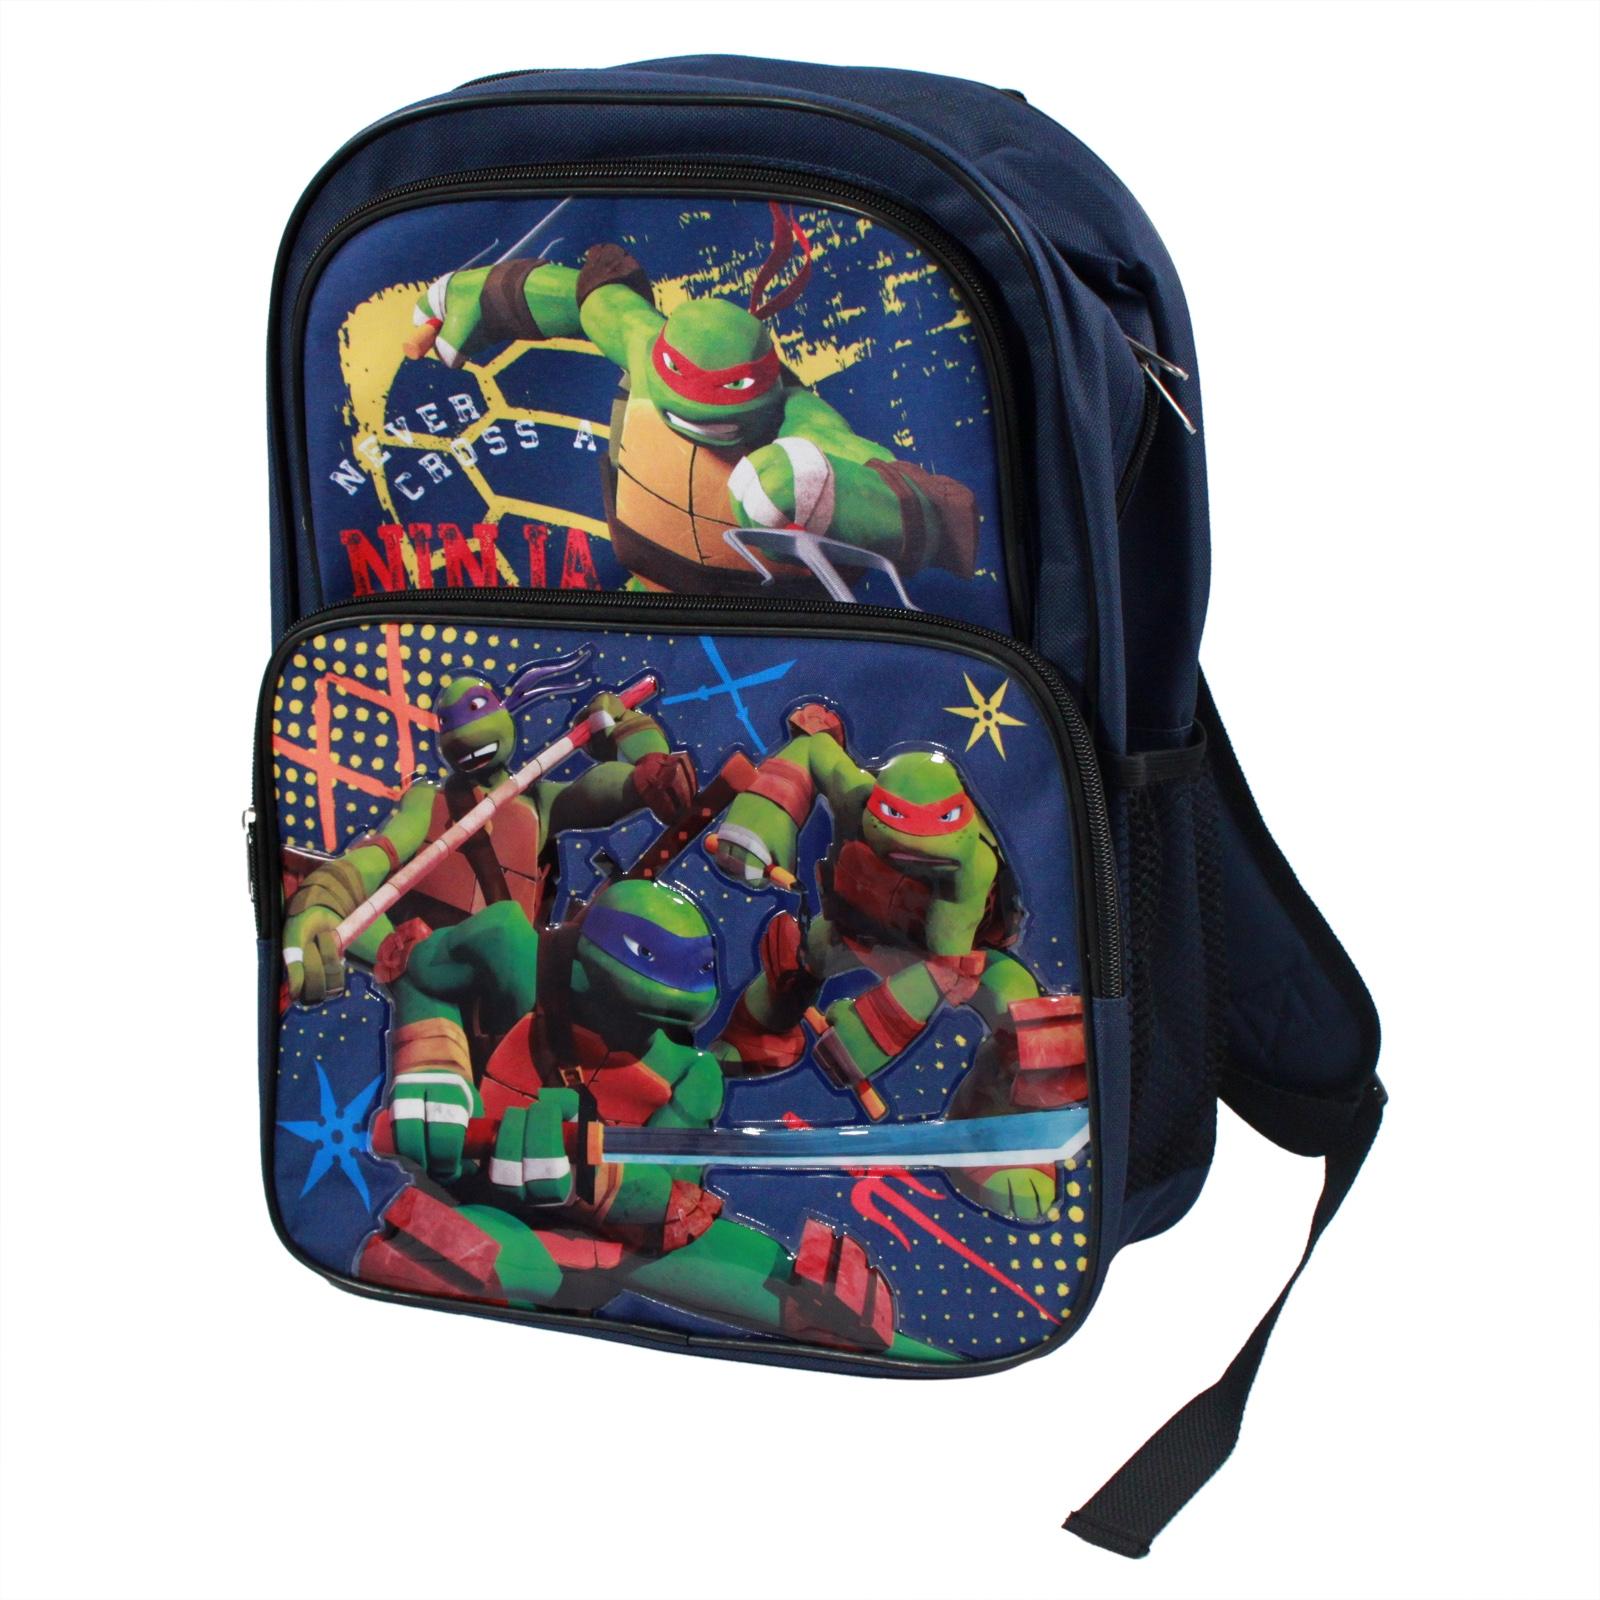 Teenage Mutant Ninja Turtles Kids, Boys, and Children Cool Nickelodeon Back To School Backpack in Dark Blue